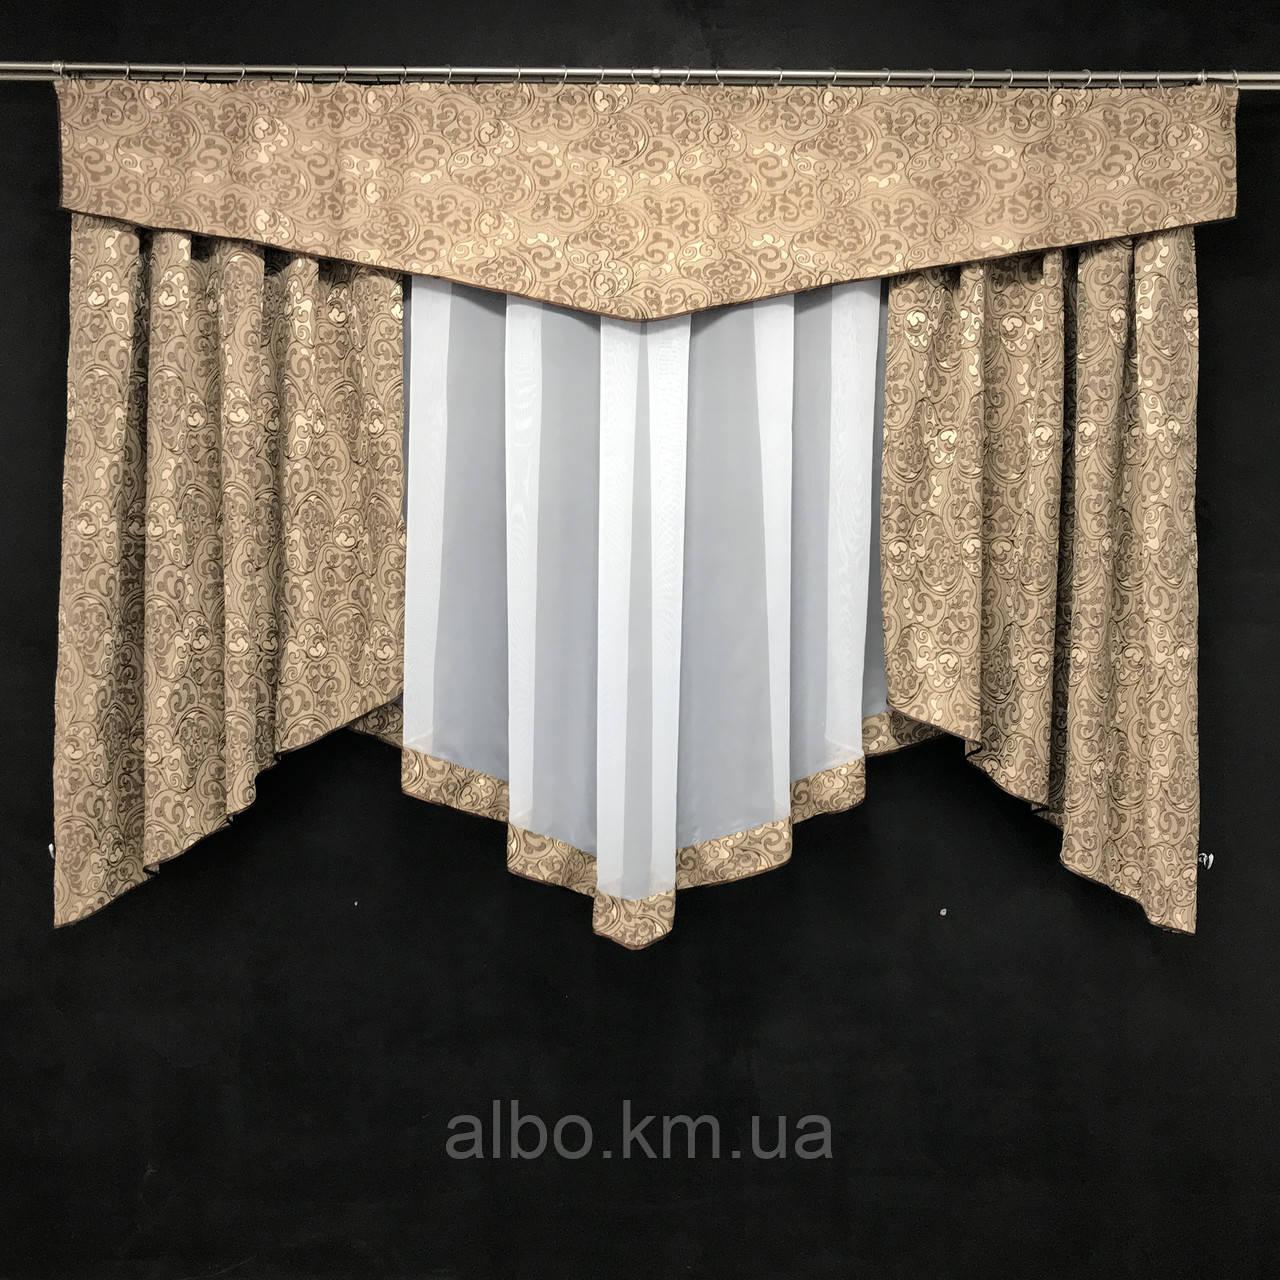 Занавески на окна в спальню кухню короткие, занавески с ламбрекенами для зала спальни кухни, комбинированные